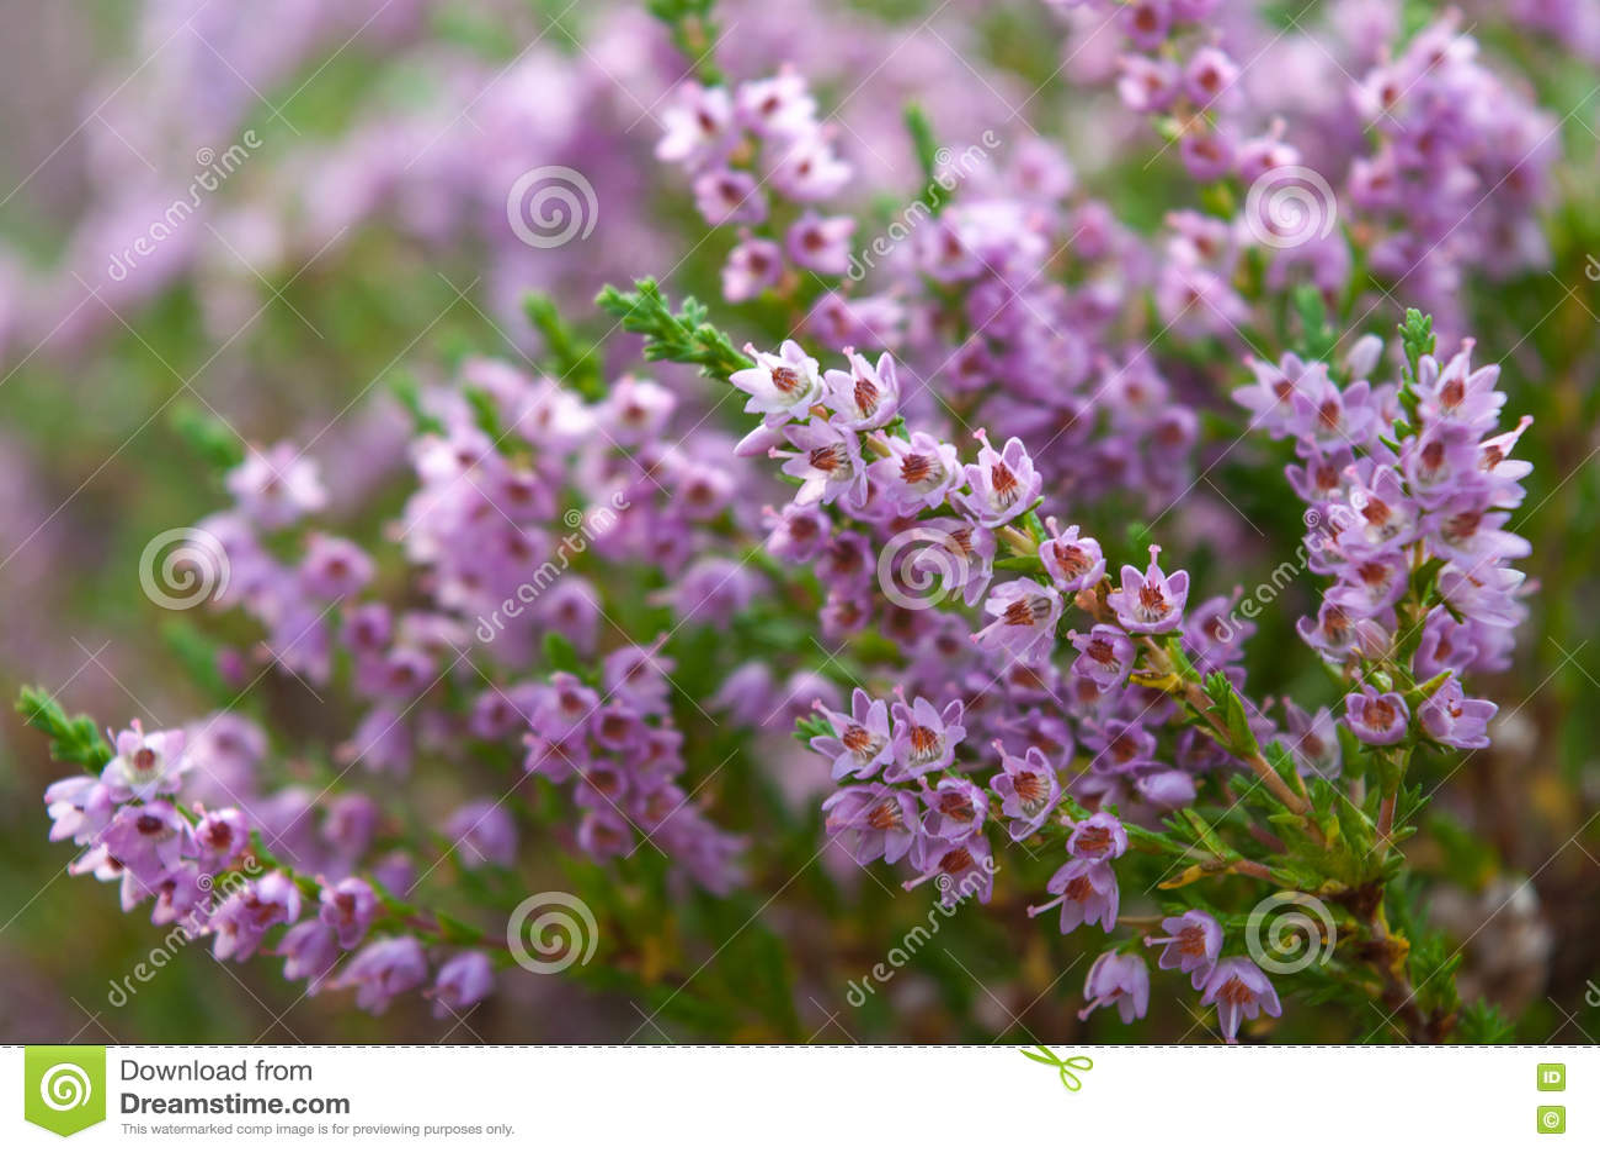 Heather Fleurit La Fleur En Aout Photo Stock Image Du Erica